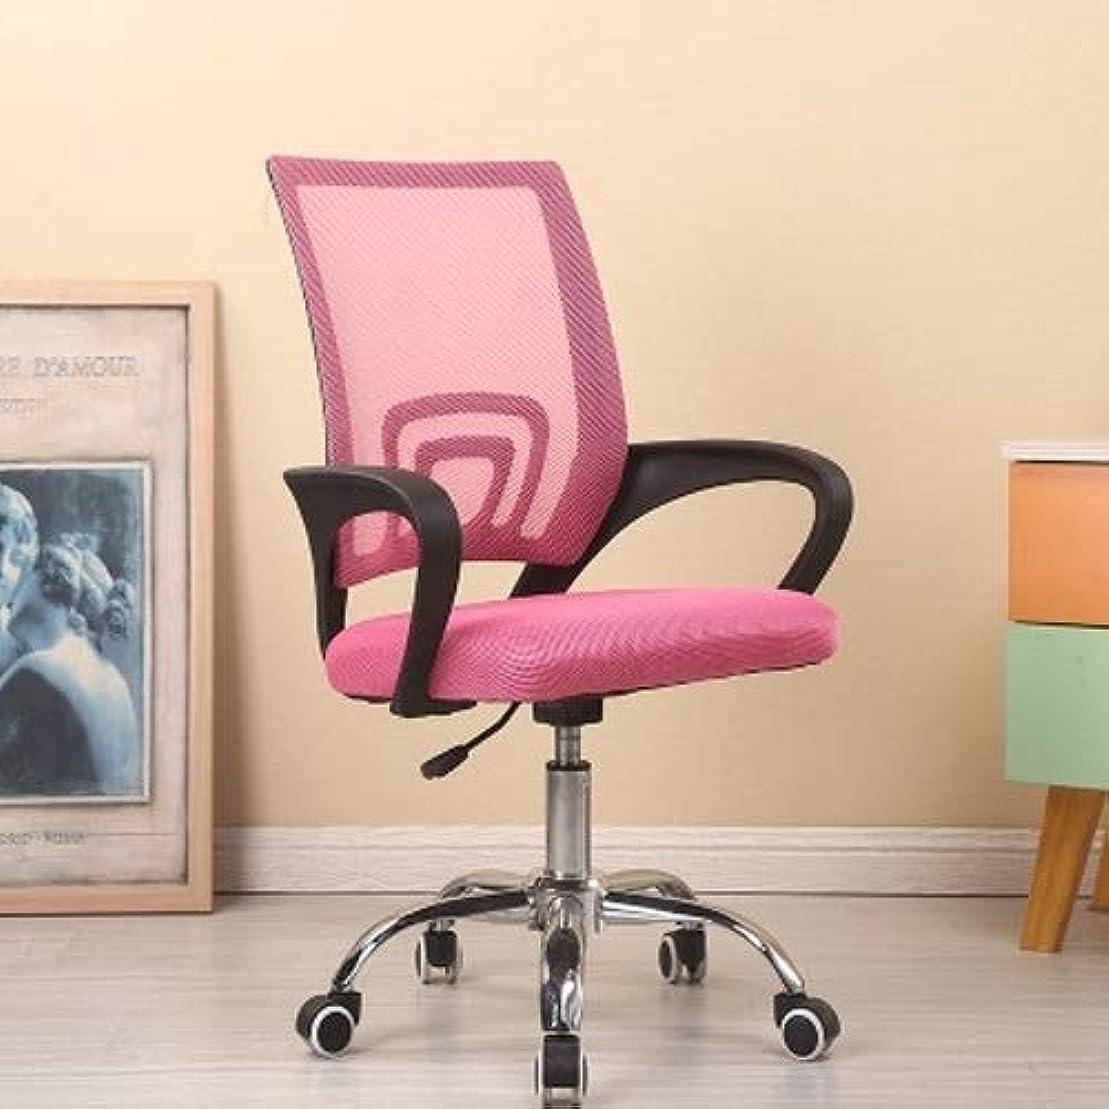 爆発物遅滞エッセンスホーム家具 オフィス製品アームチェアスリップカバーリビングルームチェア9050コンピューターチェアオフィスチェアホームチェア背もたれ快適シンプルデスクチェア(オレンジ) (色 : ピンク)